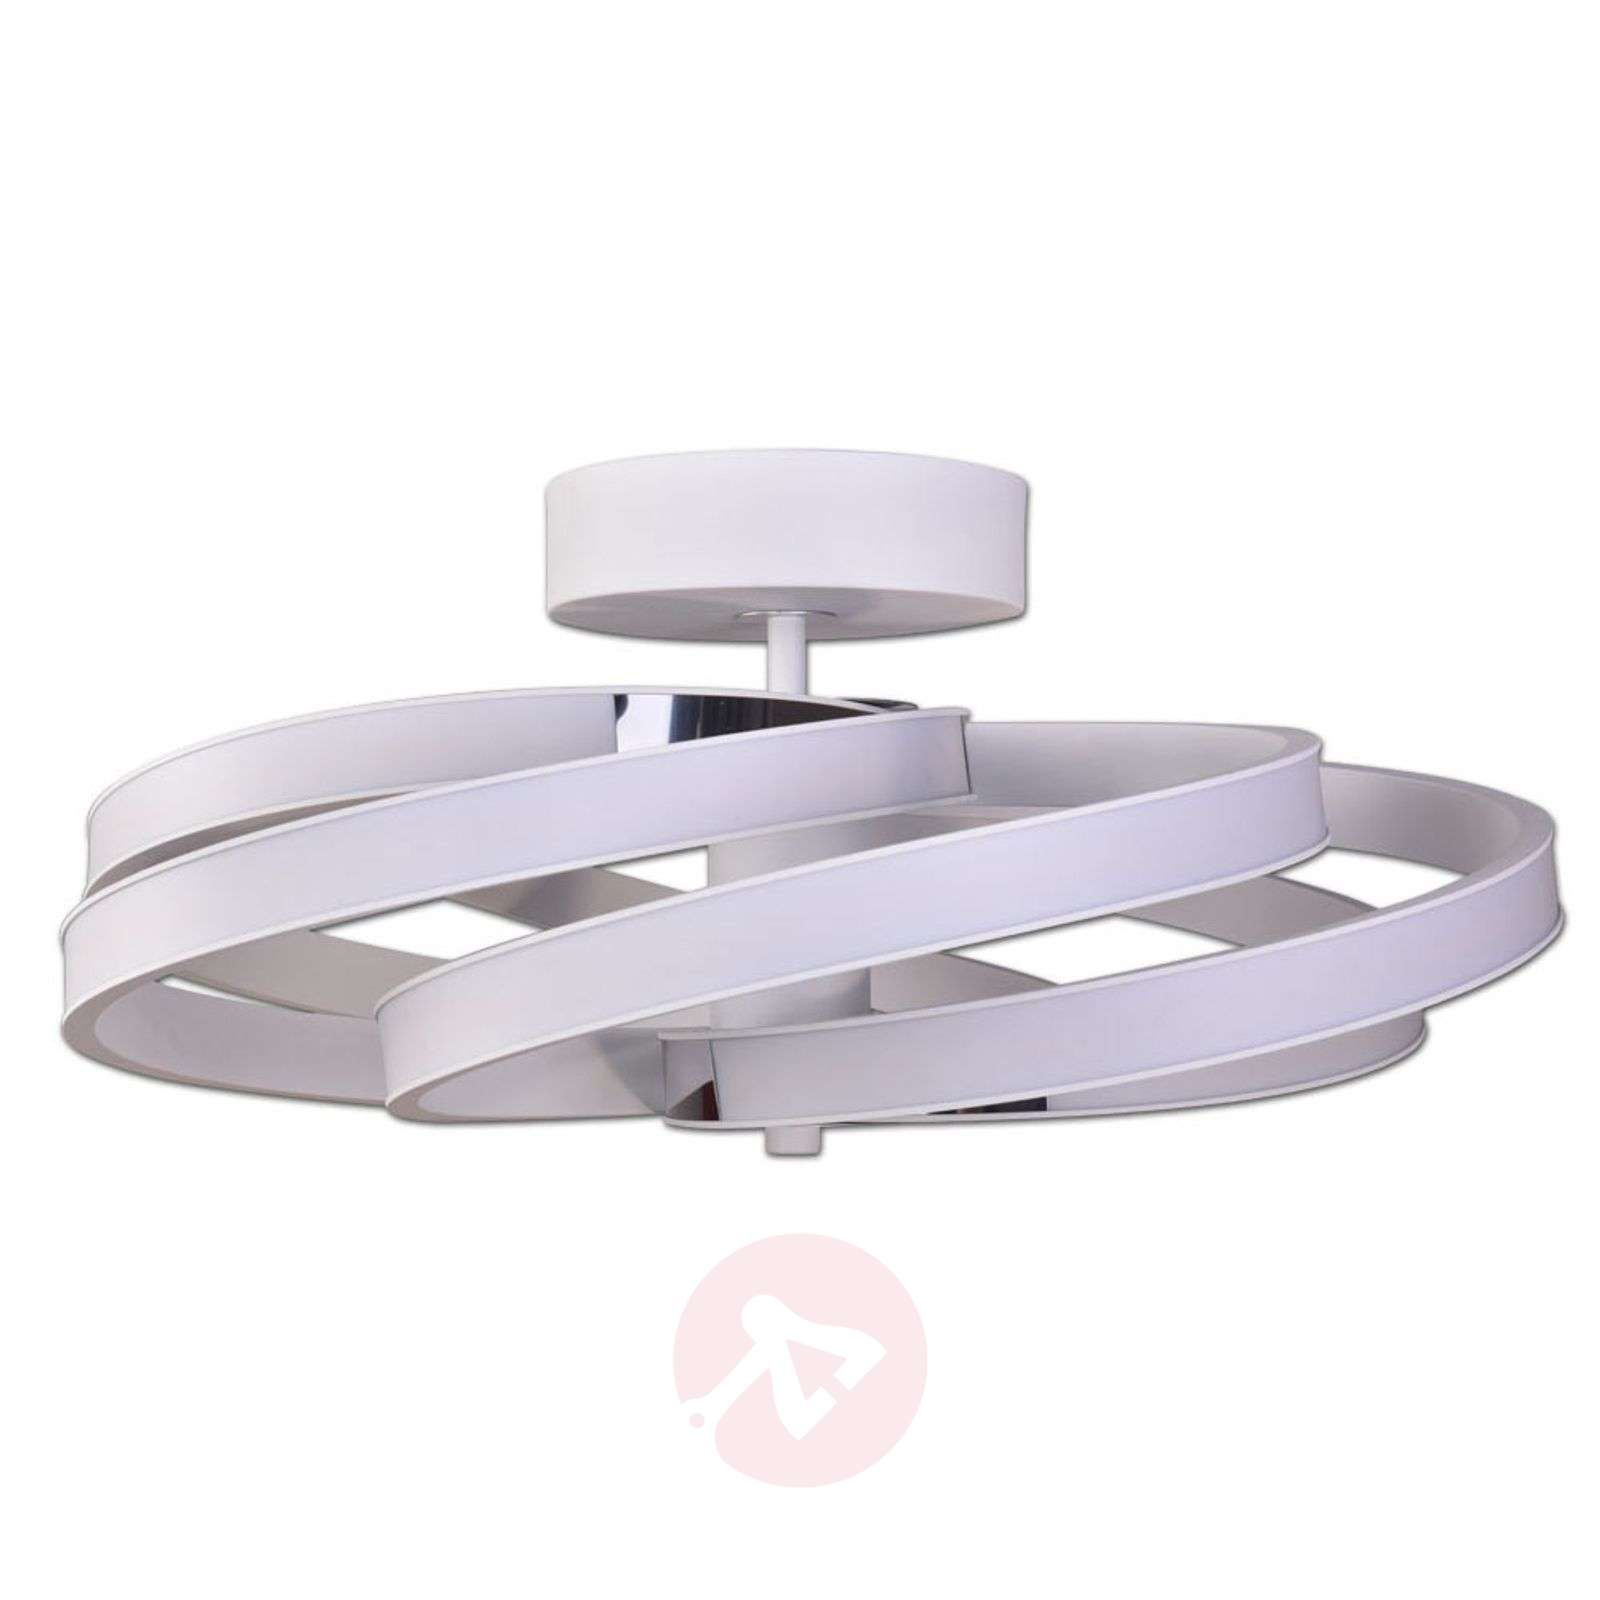 Zoya moderni LED-kattolamppu-6089101X-01